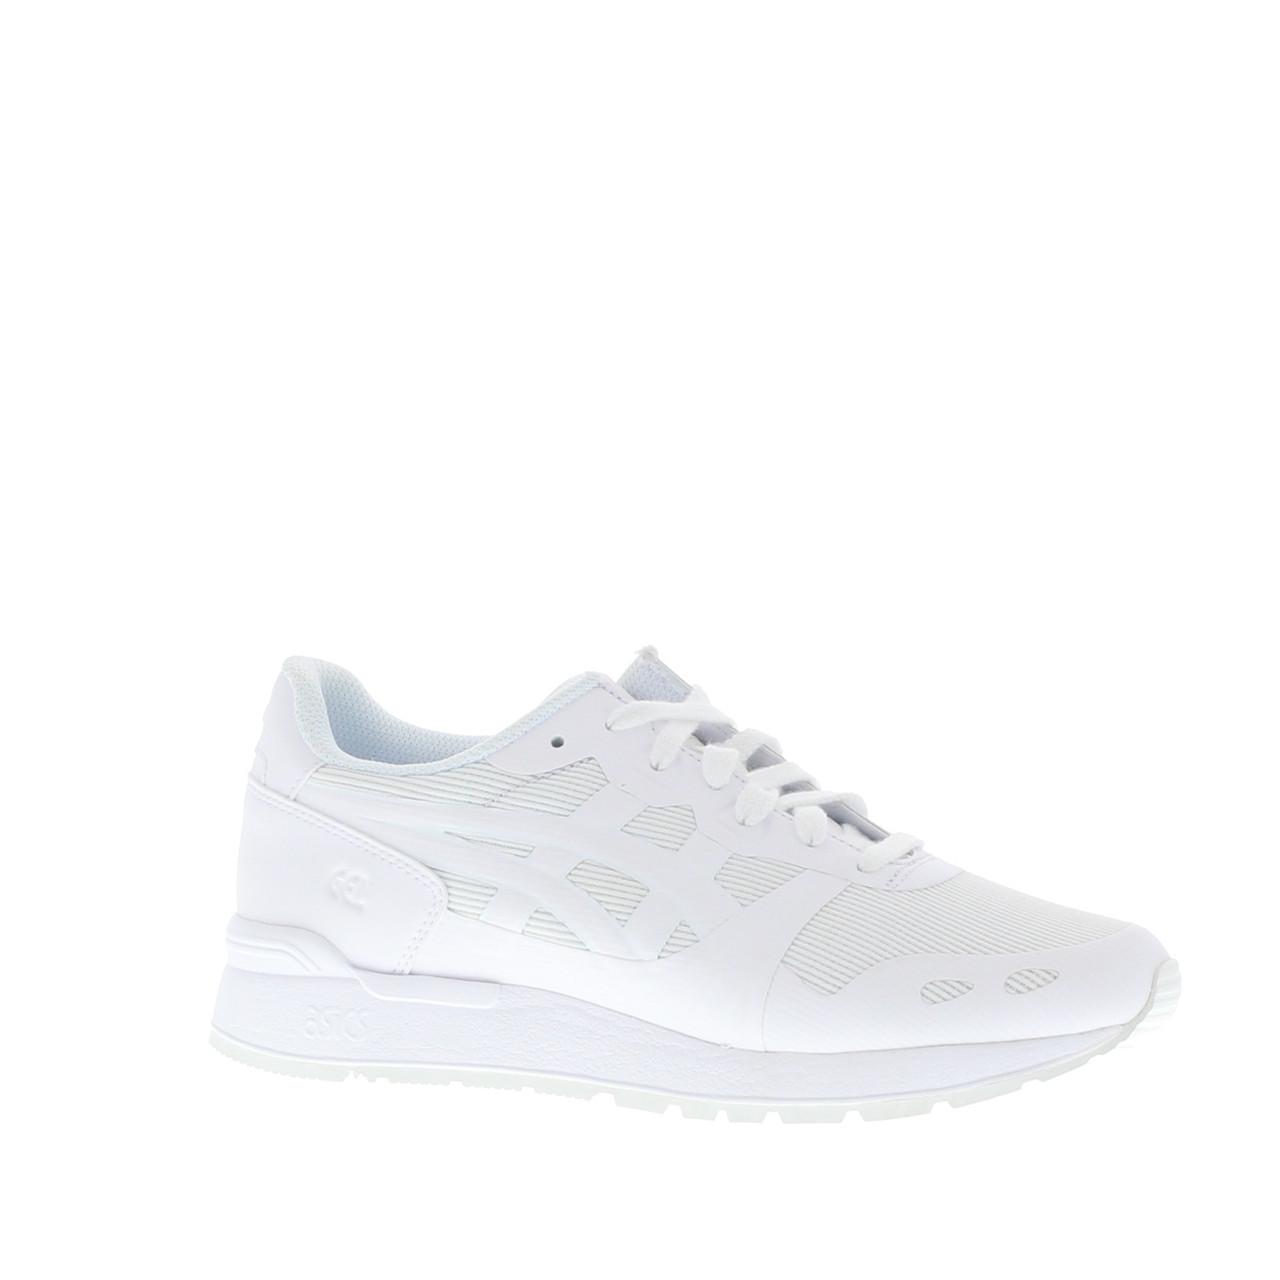 Afbeelding van Asics Tiger Sneakers 280-15-59 wit